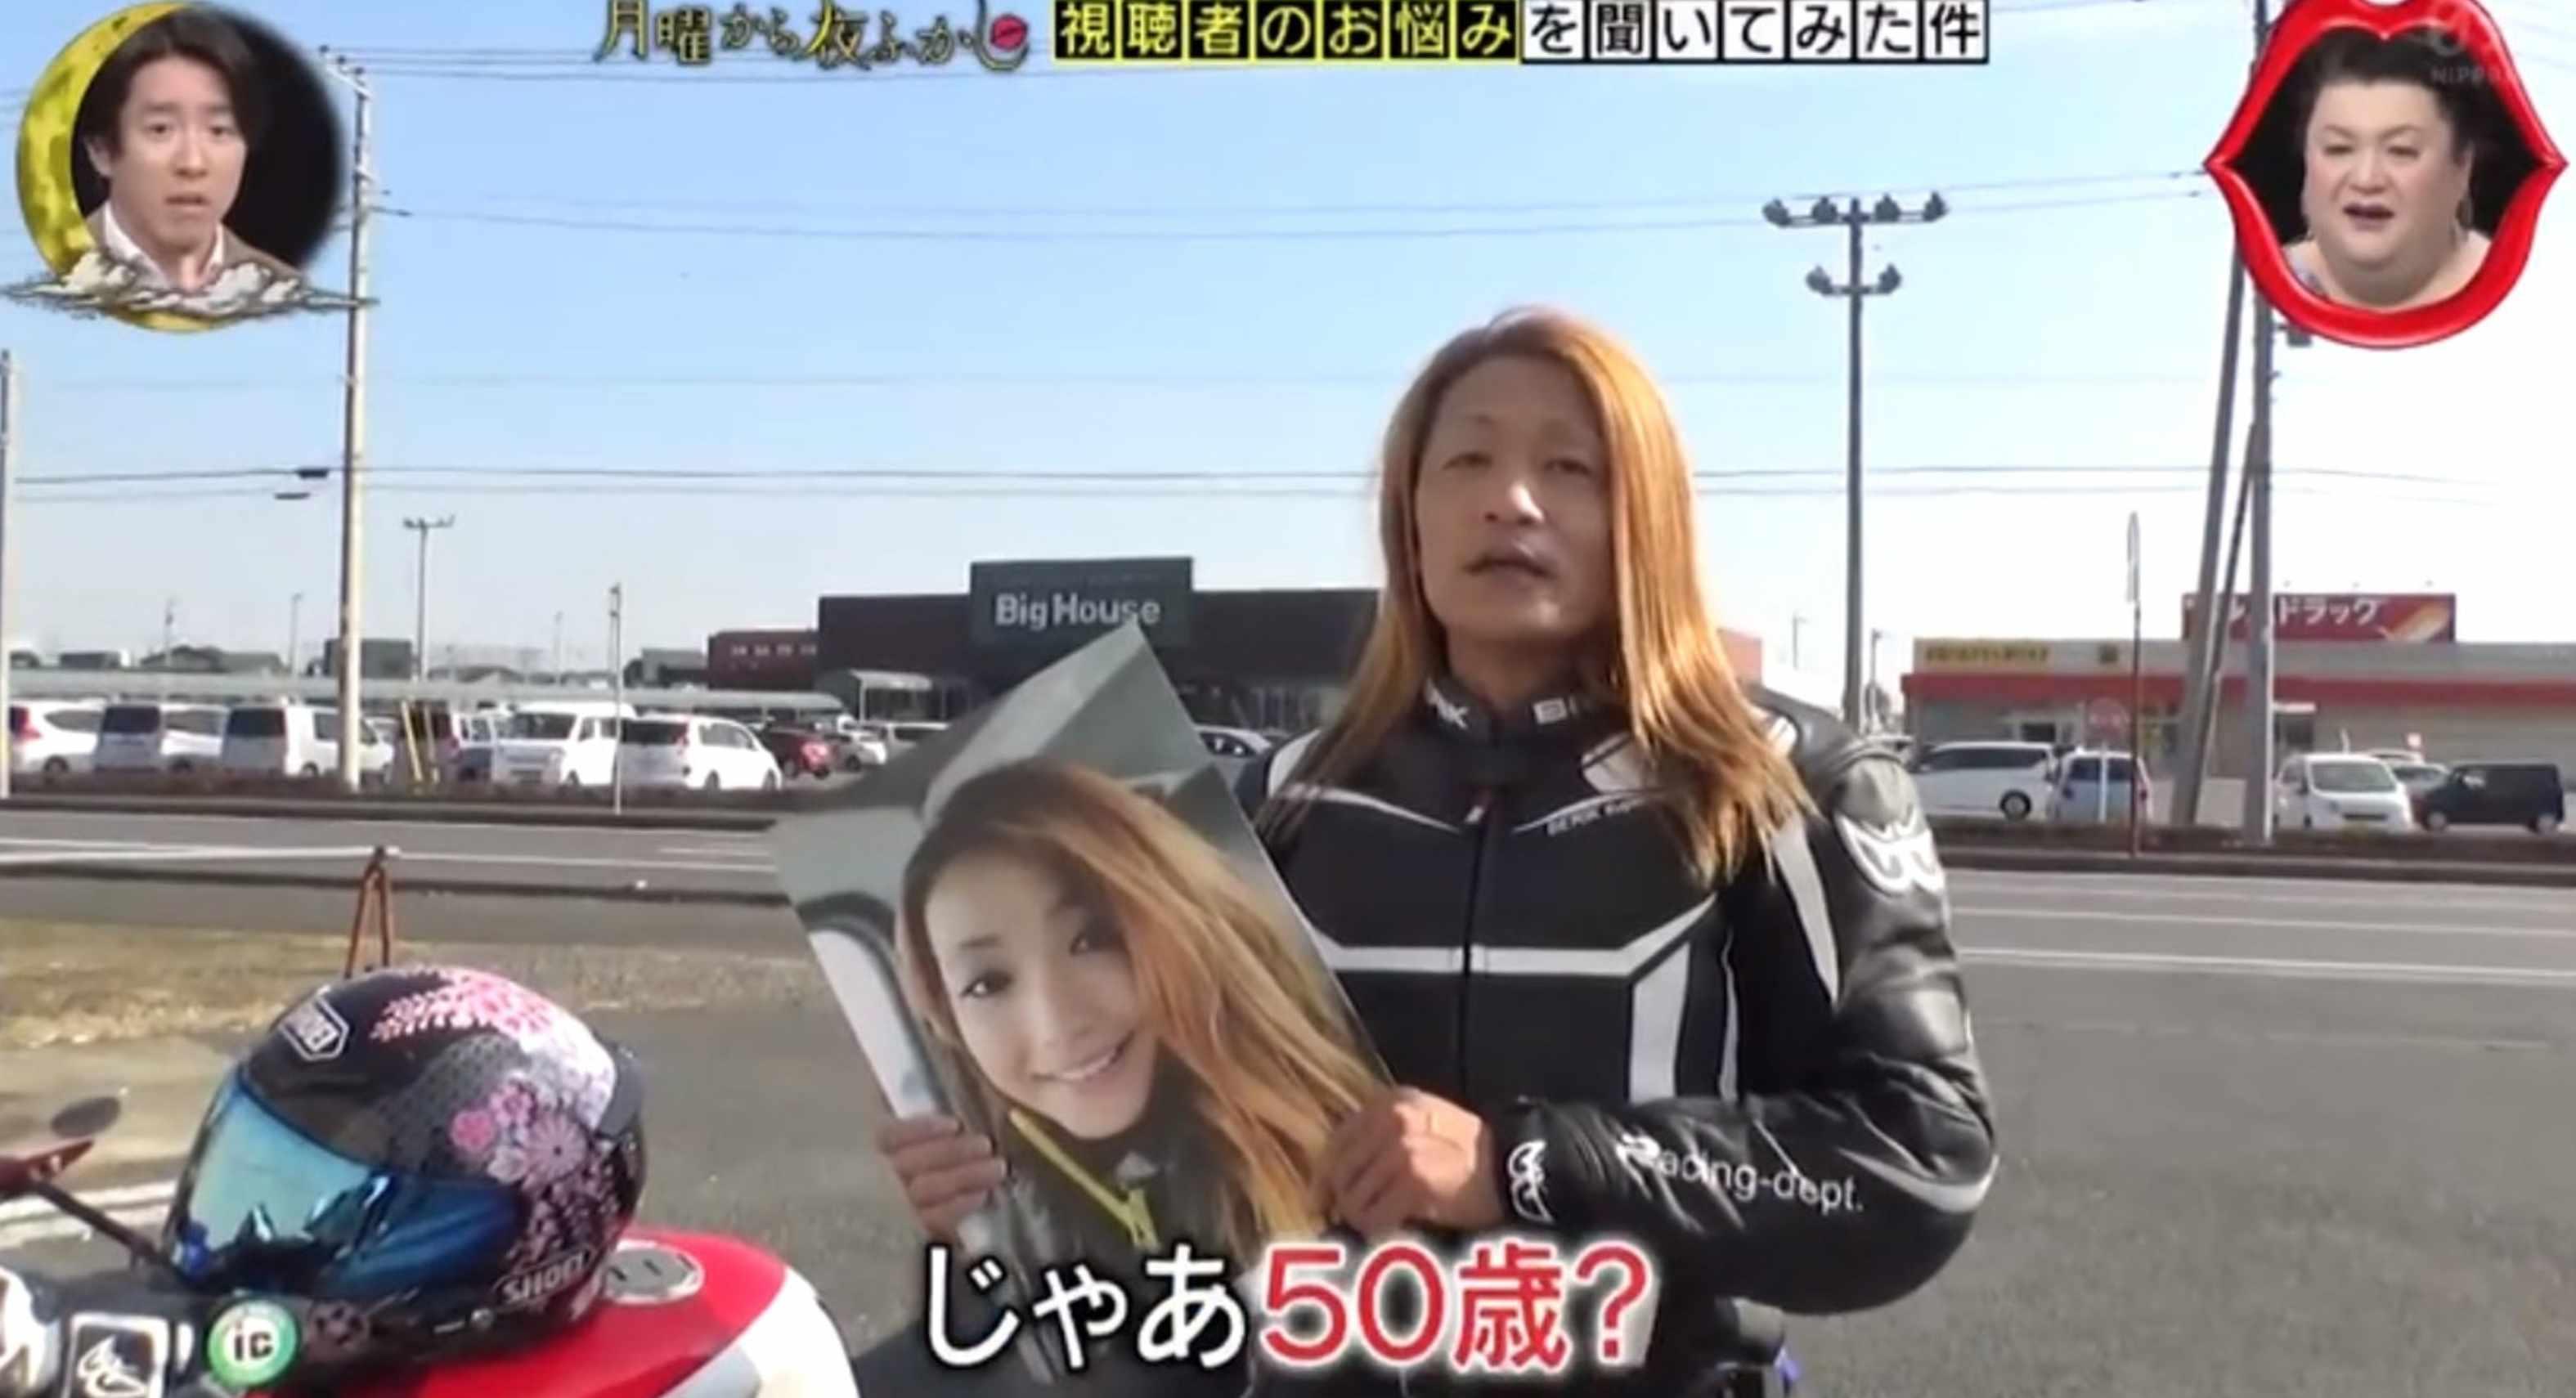 influencer japonesa en realidad es señor de 50 años